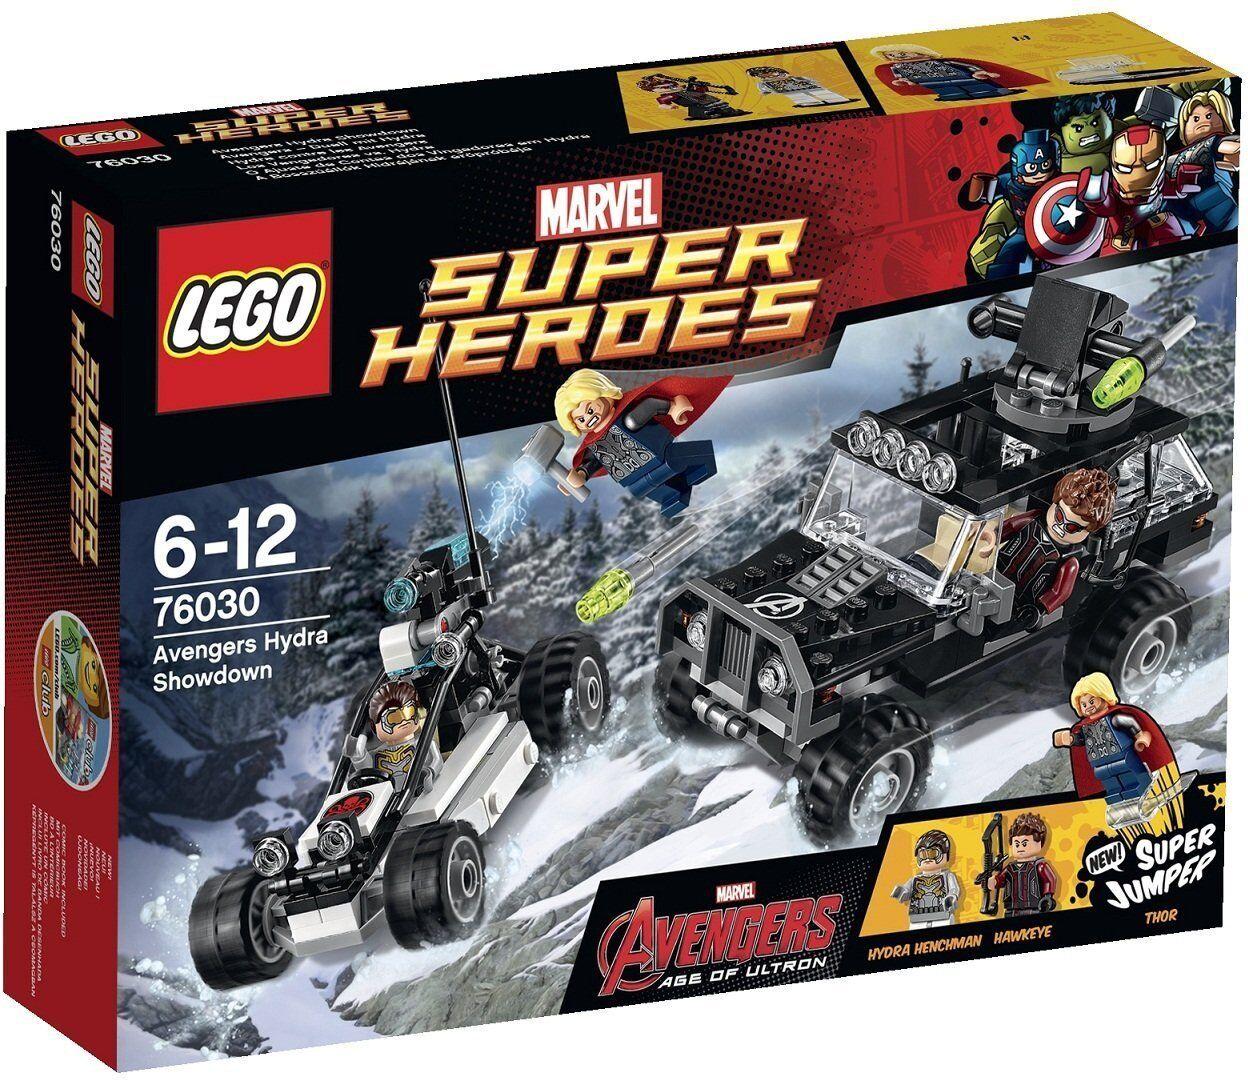 LEGO SUPER HEROES MARVEL AVENGERS HYDRA SHOWDOWN 76030 - NUEVO SIN ABRIR